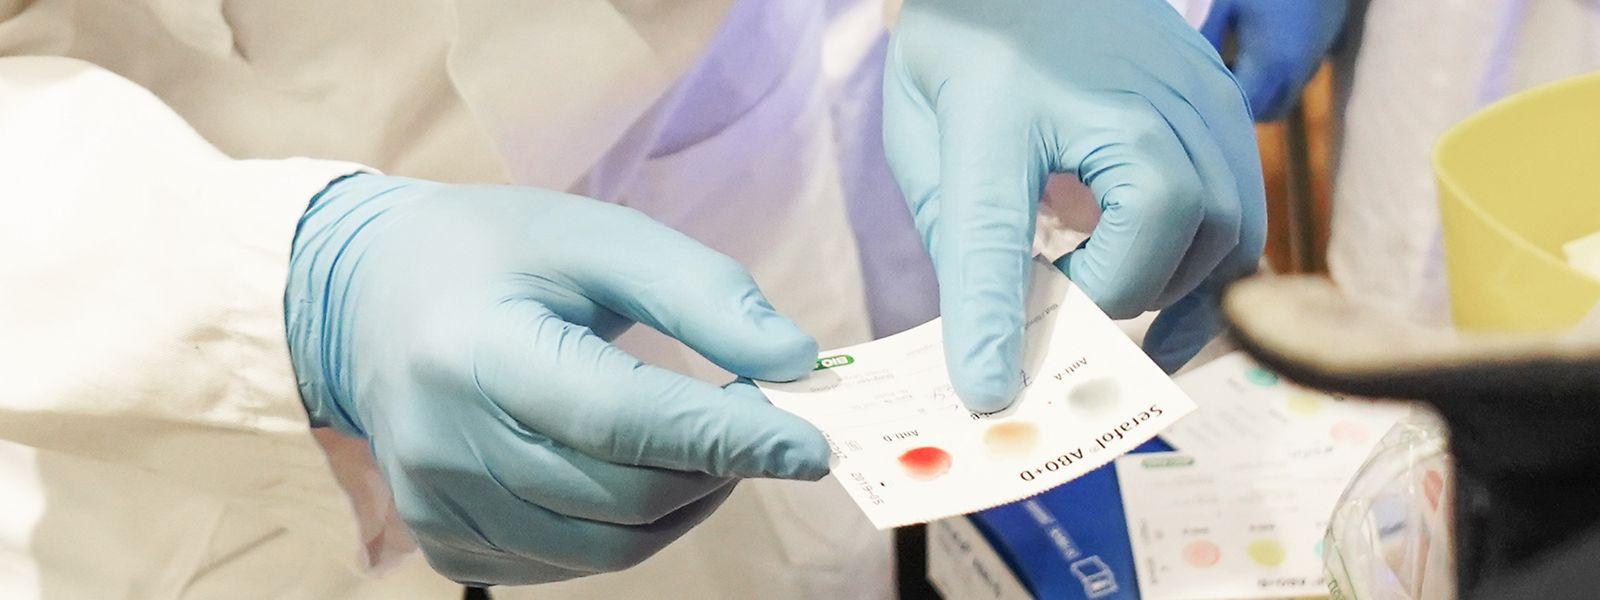 Einige Blutgruppen scheinen anfälliger für einen schweren Krankheitsverlauf zu sein.